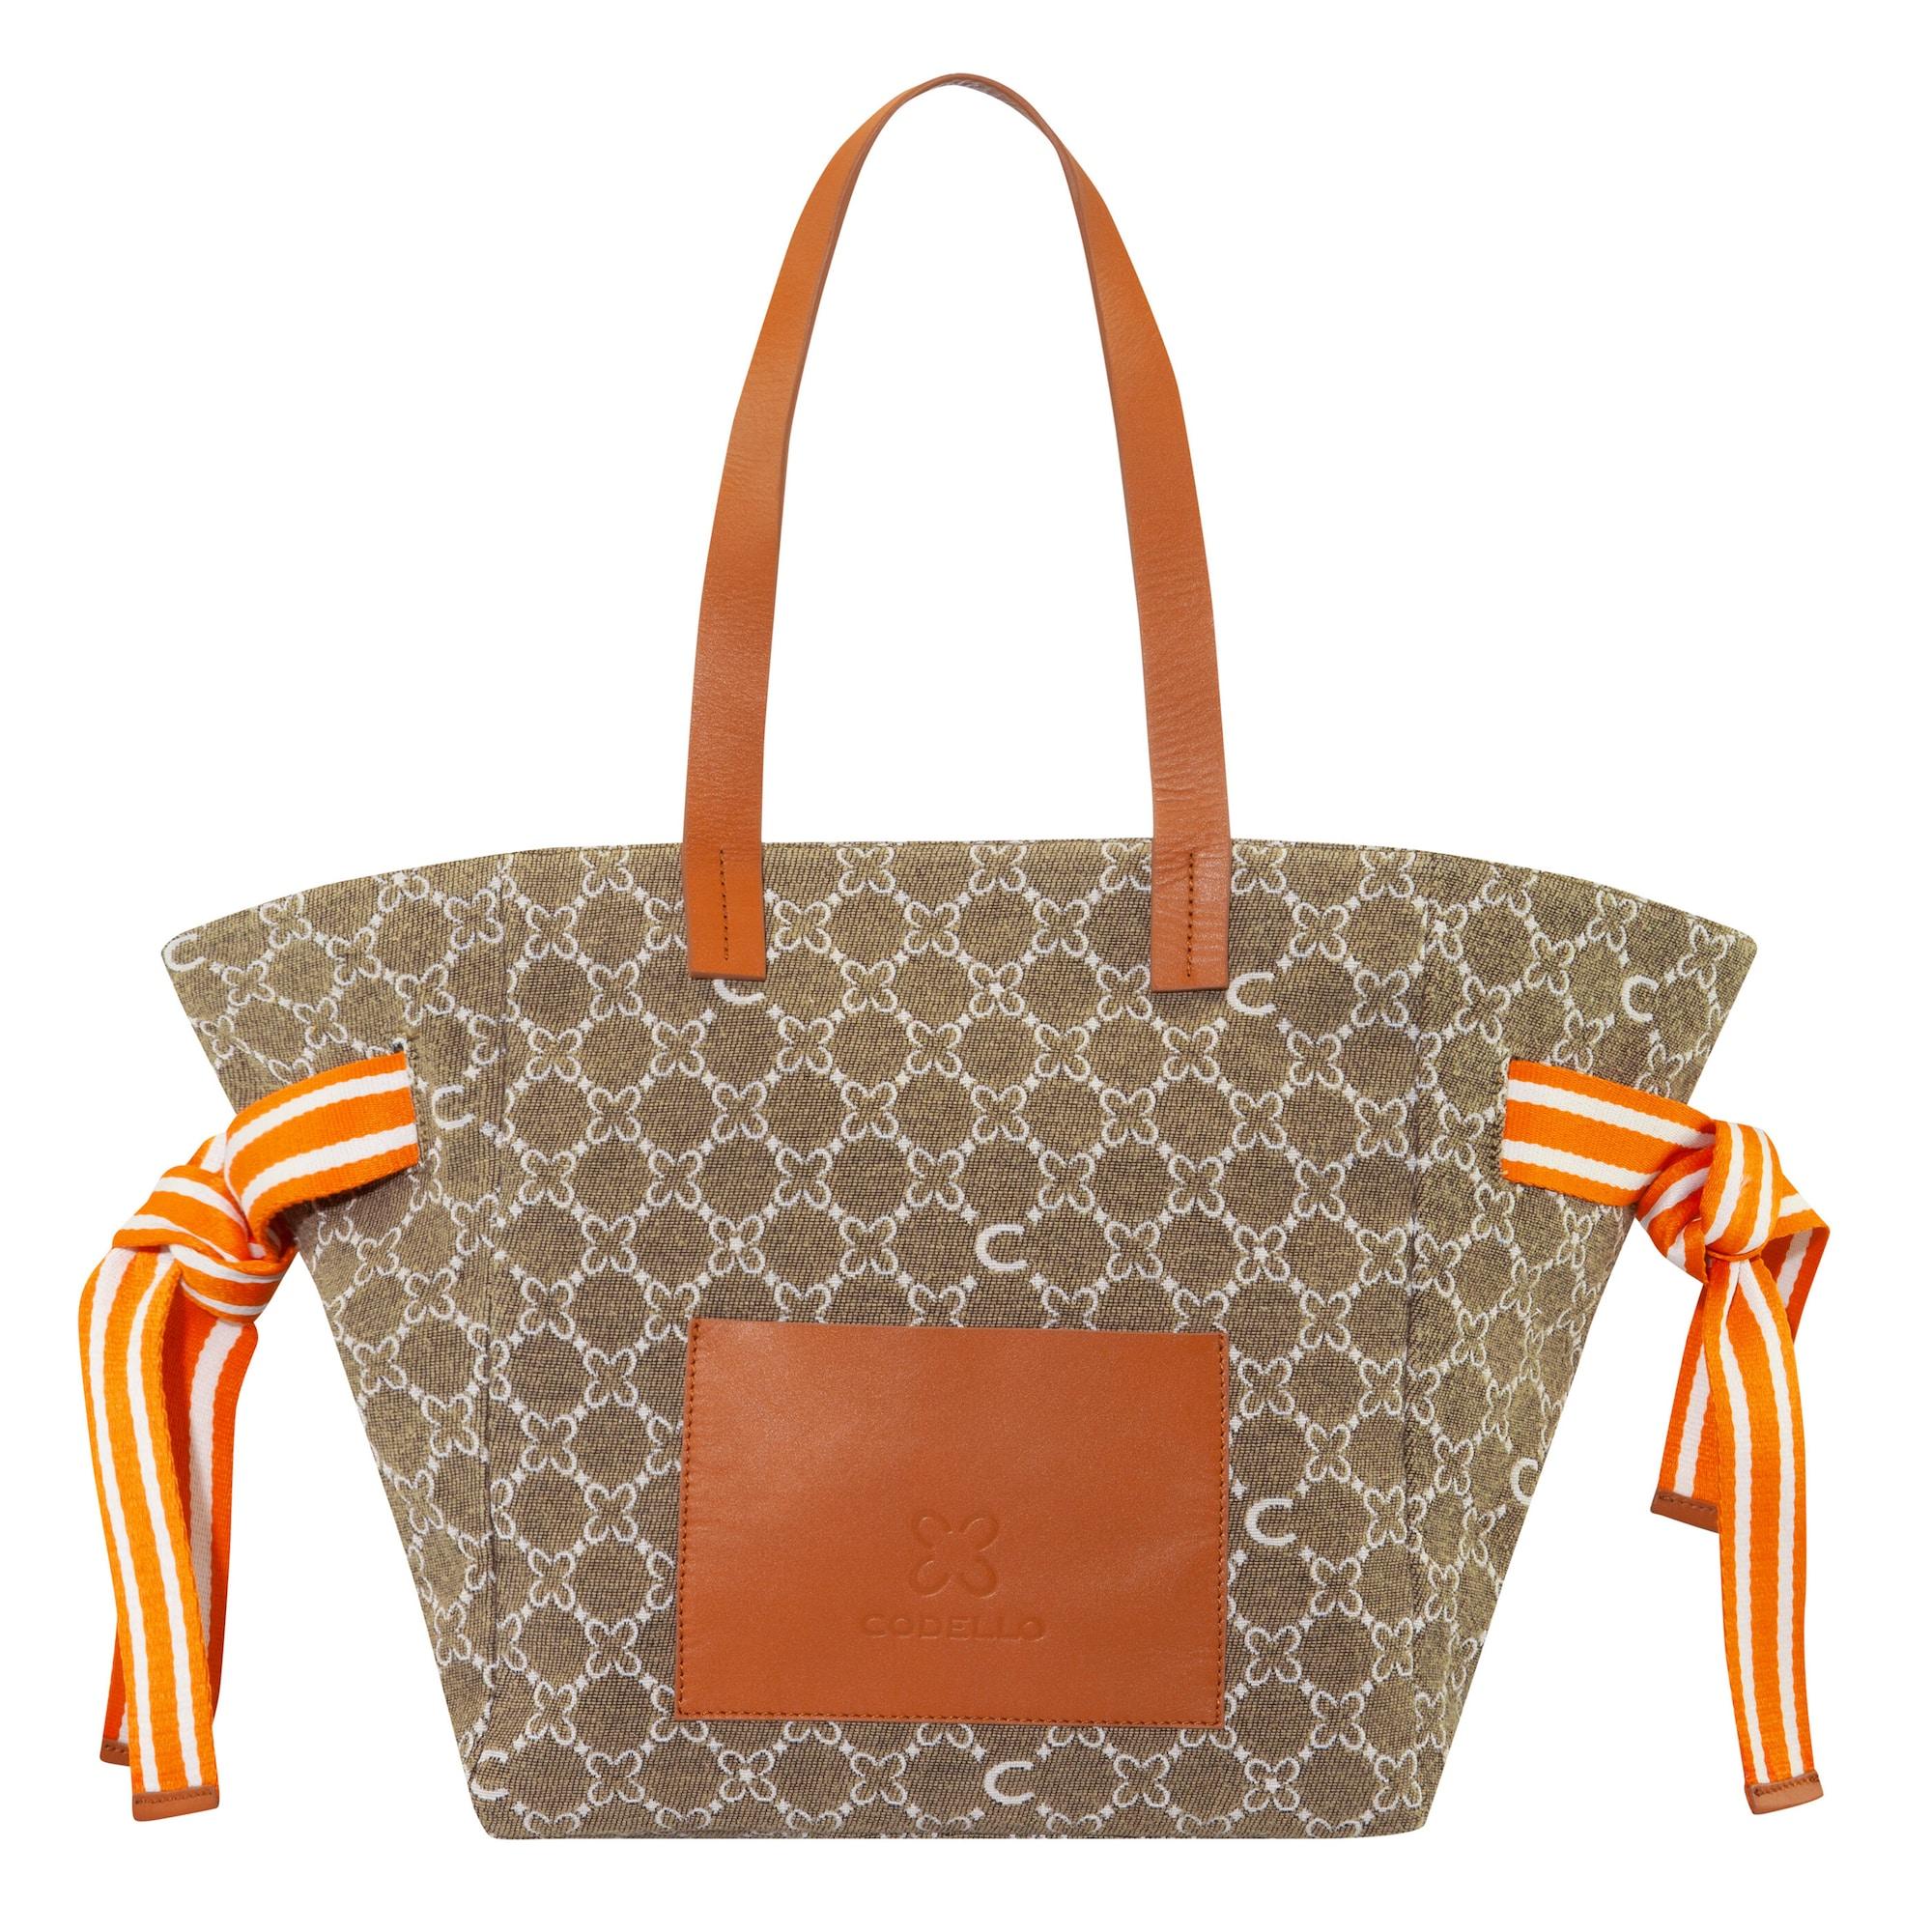 CODELLO Pirkinių krepšys šampano / rusvai oranžinė / nebalintos drobės spalva / oranžinė